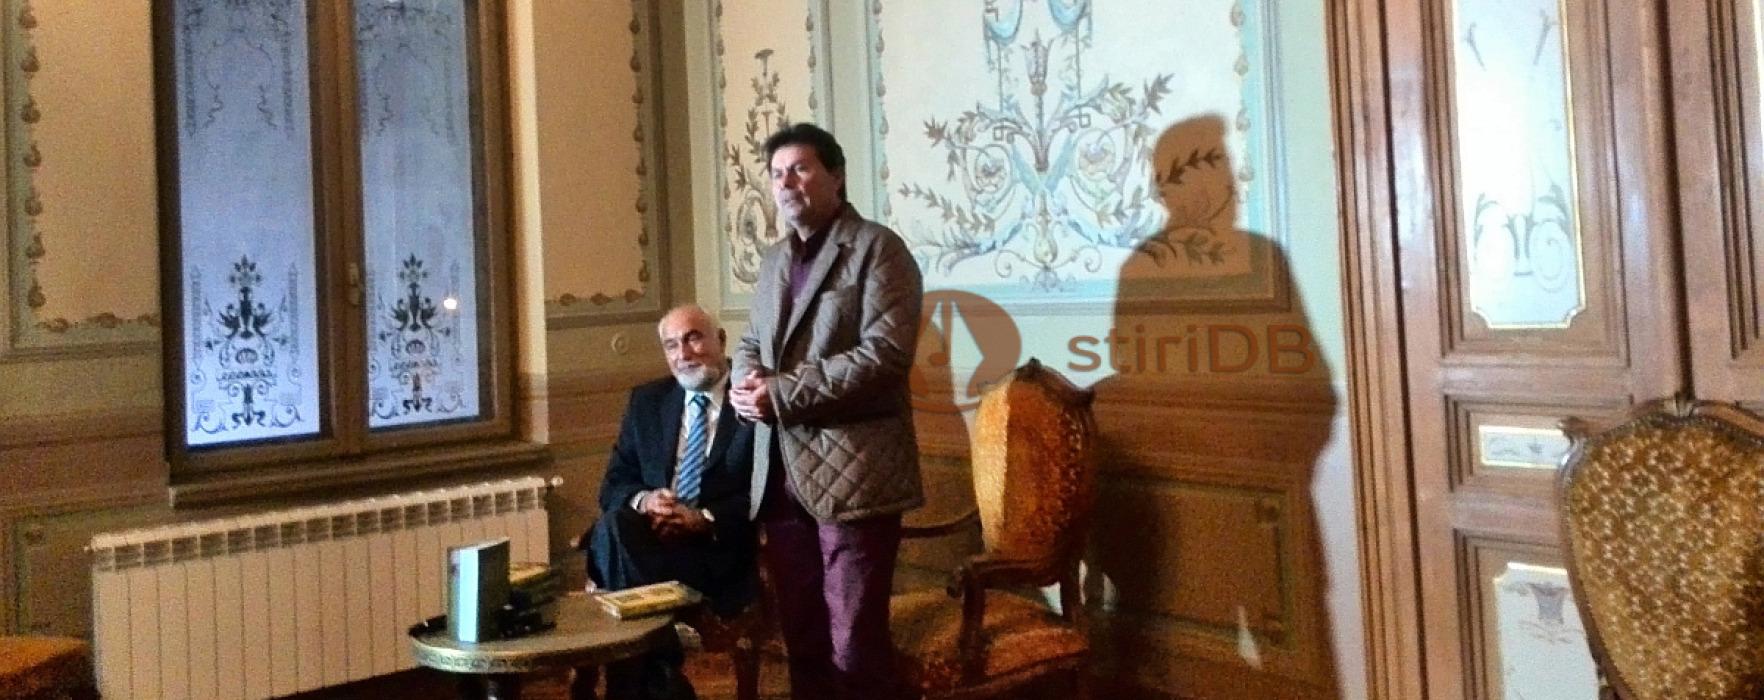 Varujan Vosganian, lansare de carte la Târgovişte